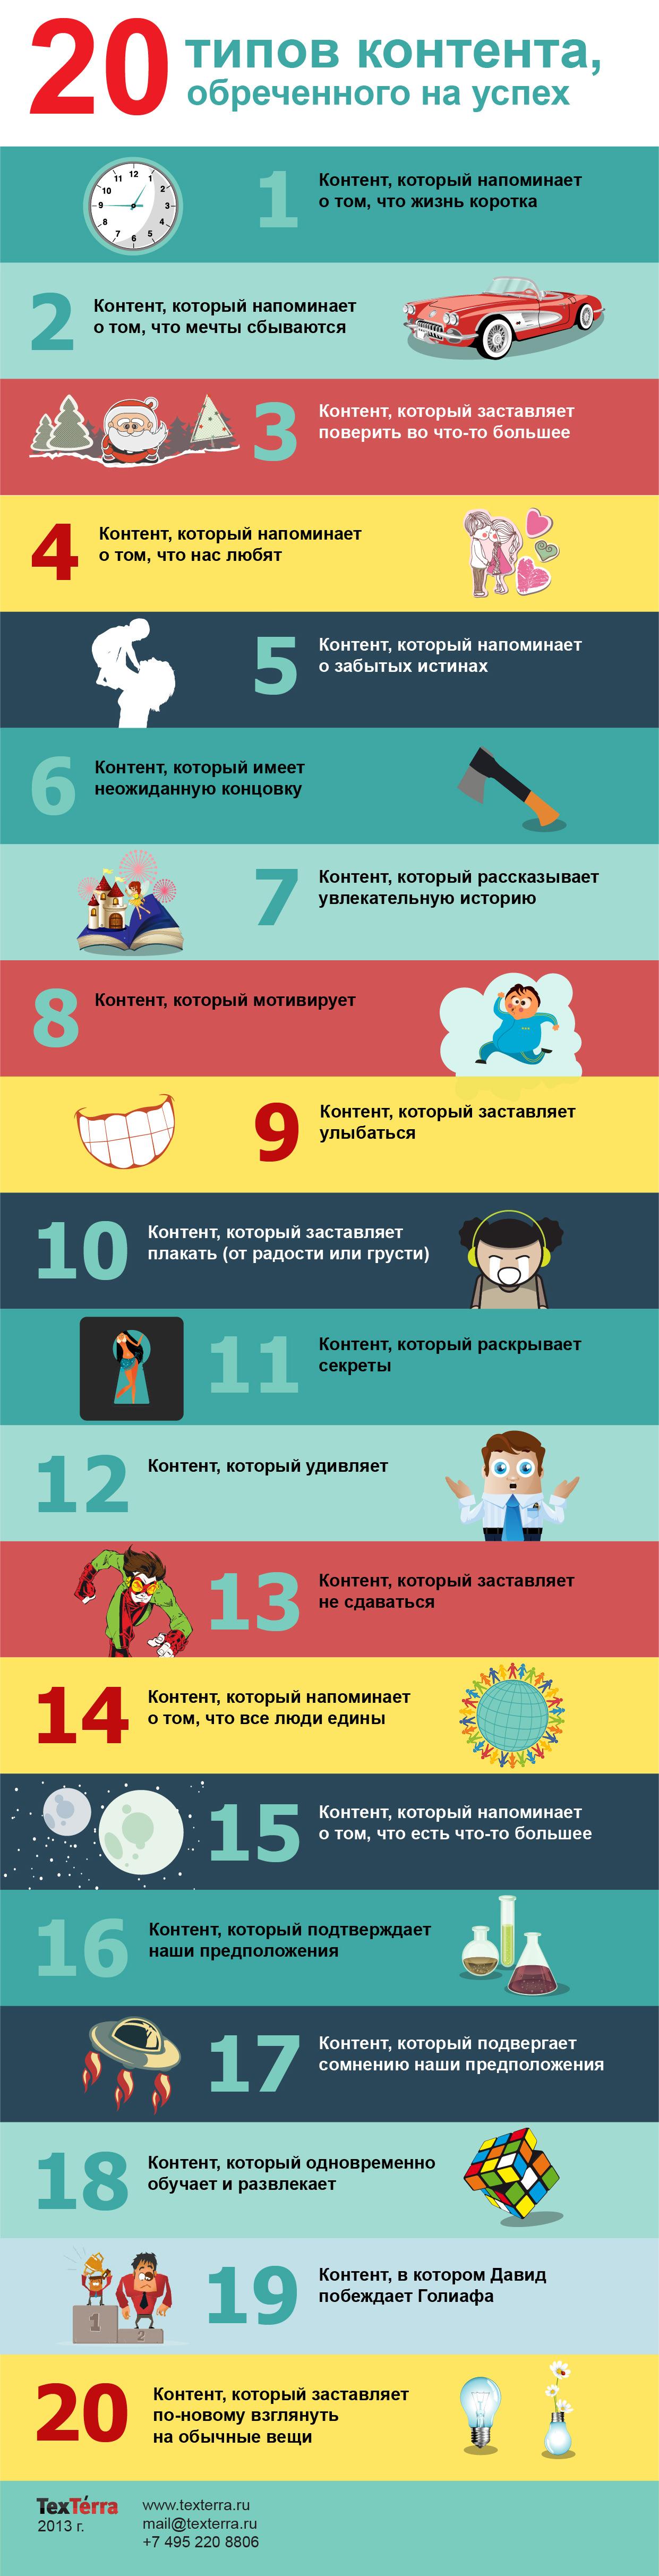 20 типов контента обреченного на ус